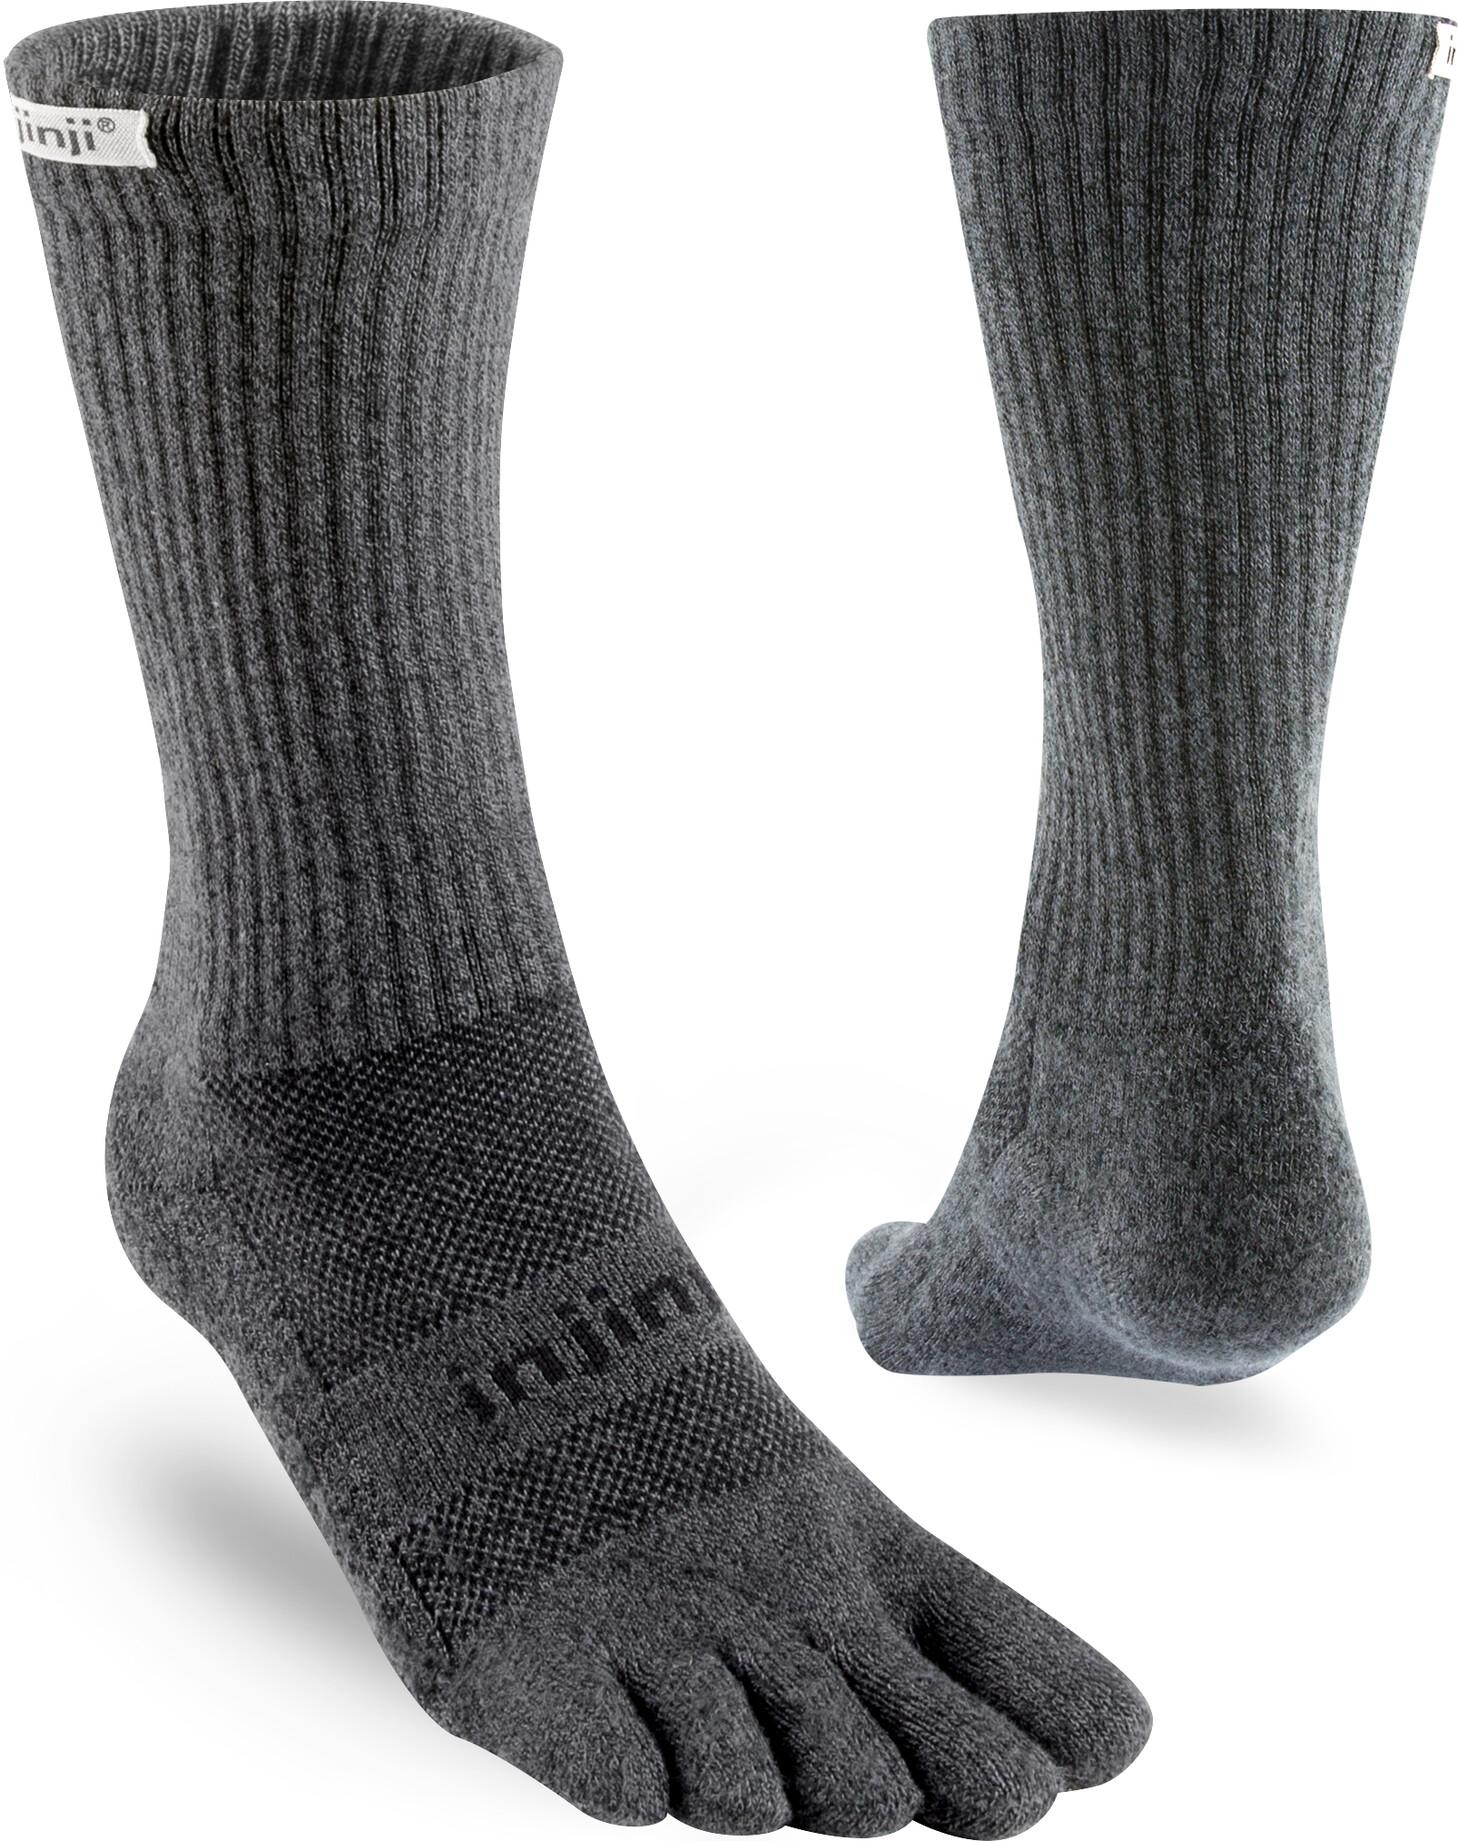 Injinji Trail Crew Xtralife Sokker Herrer, granite (2019) | Socks